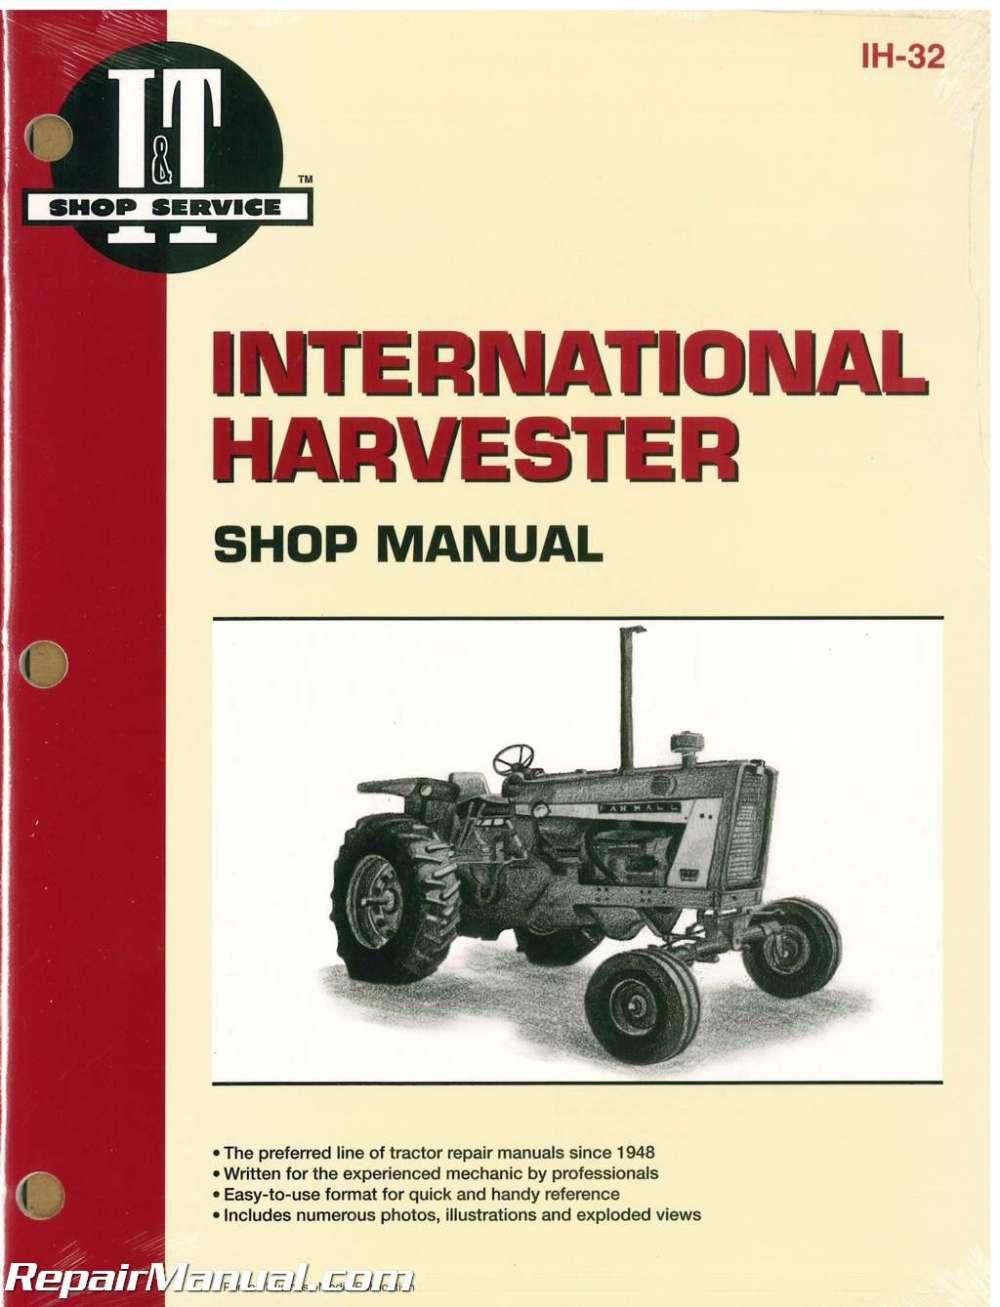 medium resolution of farmall tractor wiring diagrams by robert melville photobucket international harvester 706 756 806 856 gd 1206 1256 1456 2706 2756 2806 2856 21206 21256